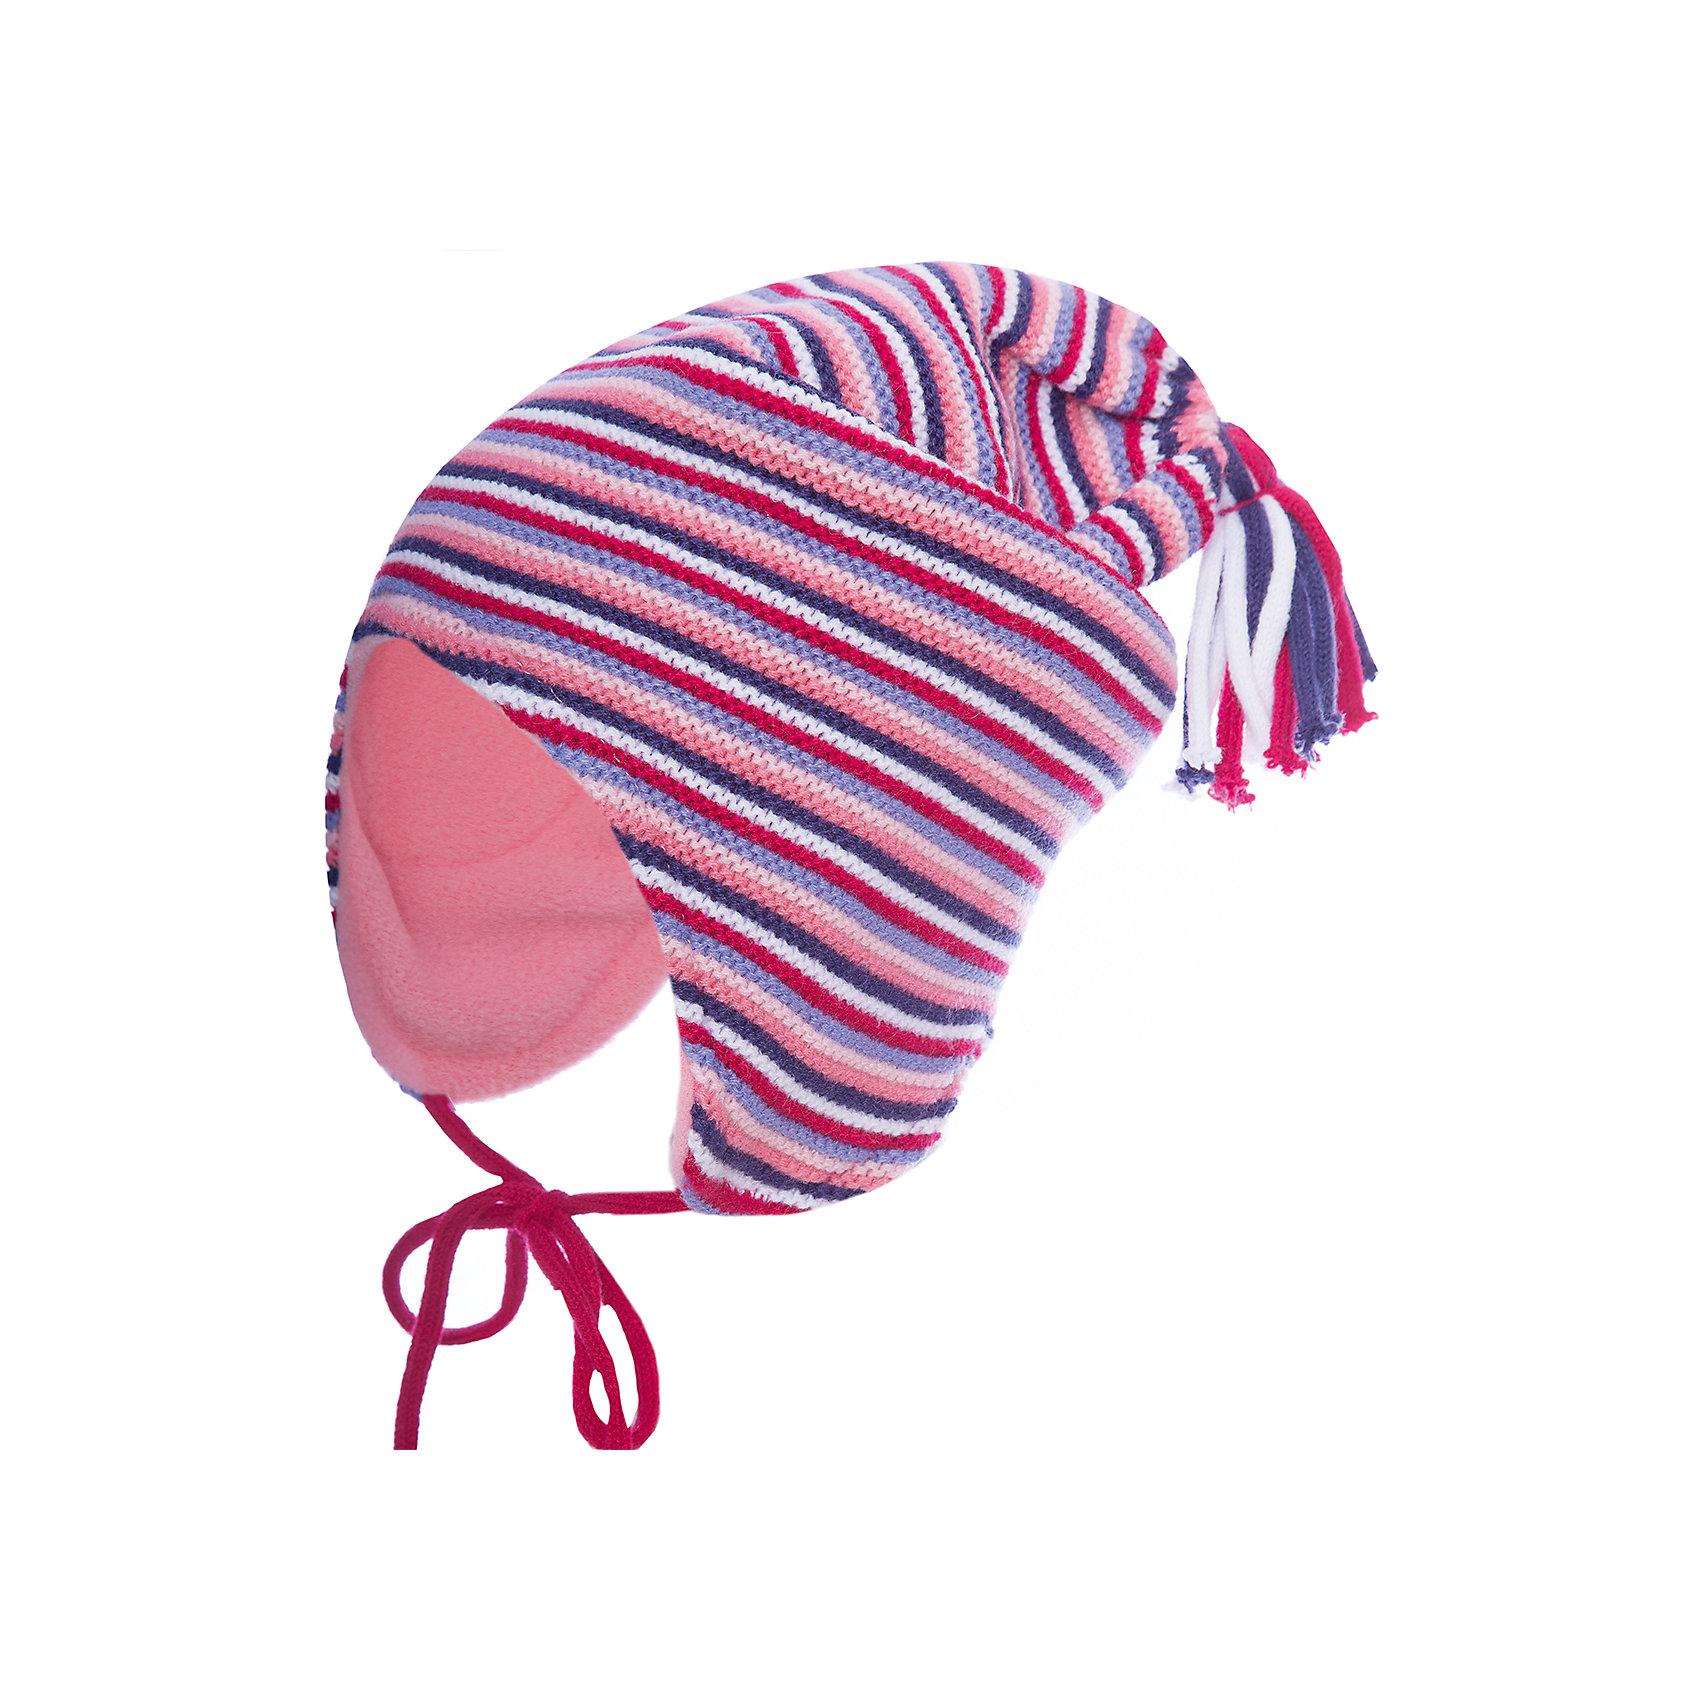 Шапка PlayToday для девочкиГоловные уборы<br>Шапка PlayToday для девочки<br>Шапка из трикотажа на подкладке - отличное решение для холодной погоды. Модель на завязках, дополнена оригинальным помпоном. Подкладка изделия из теплого флиса, в области ушей дополнена специальными вставками. Эргономичная конструкция такой шапки защитит уши ребенка при сильном ветре.<br>Состав:<br>100% акрил<br><br>Ширина мм: 89<br>Глубина мм: 117<br>Высота мм: 44<br>Вес г: 155<br>Цвет: белый<br>Возраст от месяцев: 72<br>Возраст до месяцев: 84<br>Пол: Женский<br>Возраст: Детский<br>Размер: 54,52,50<br>SKU: 7115526